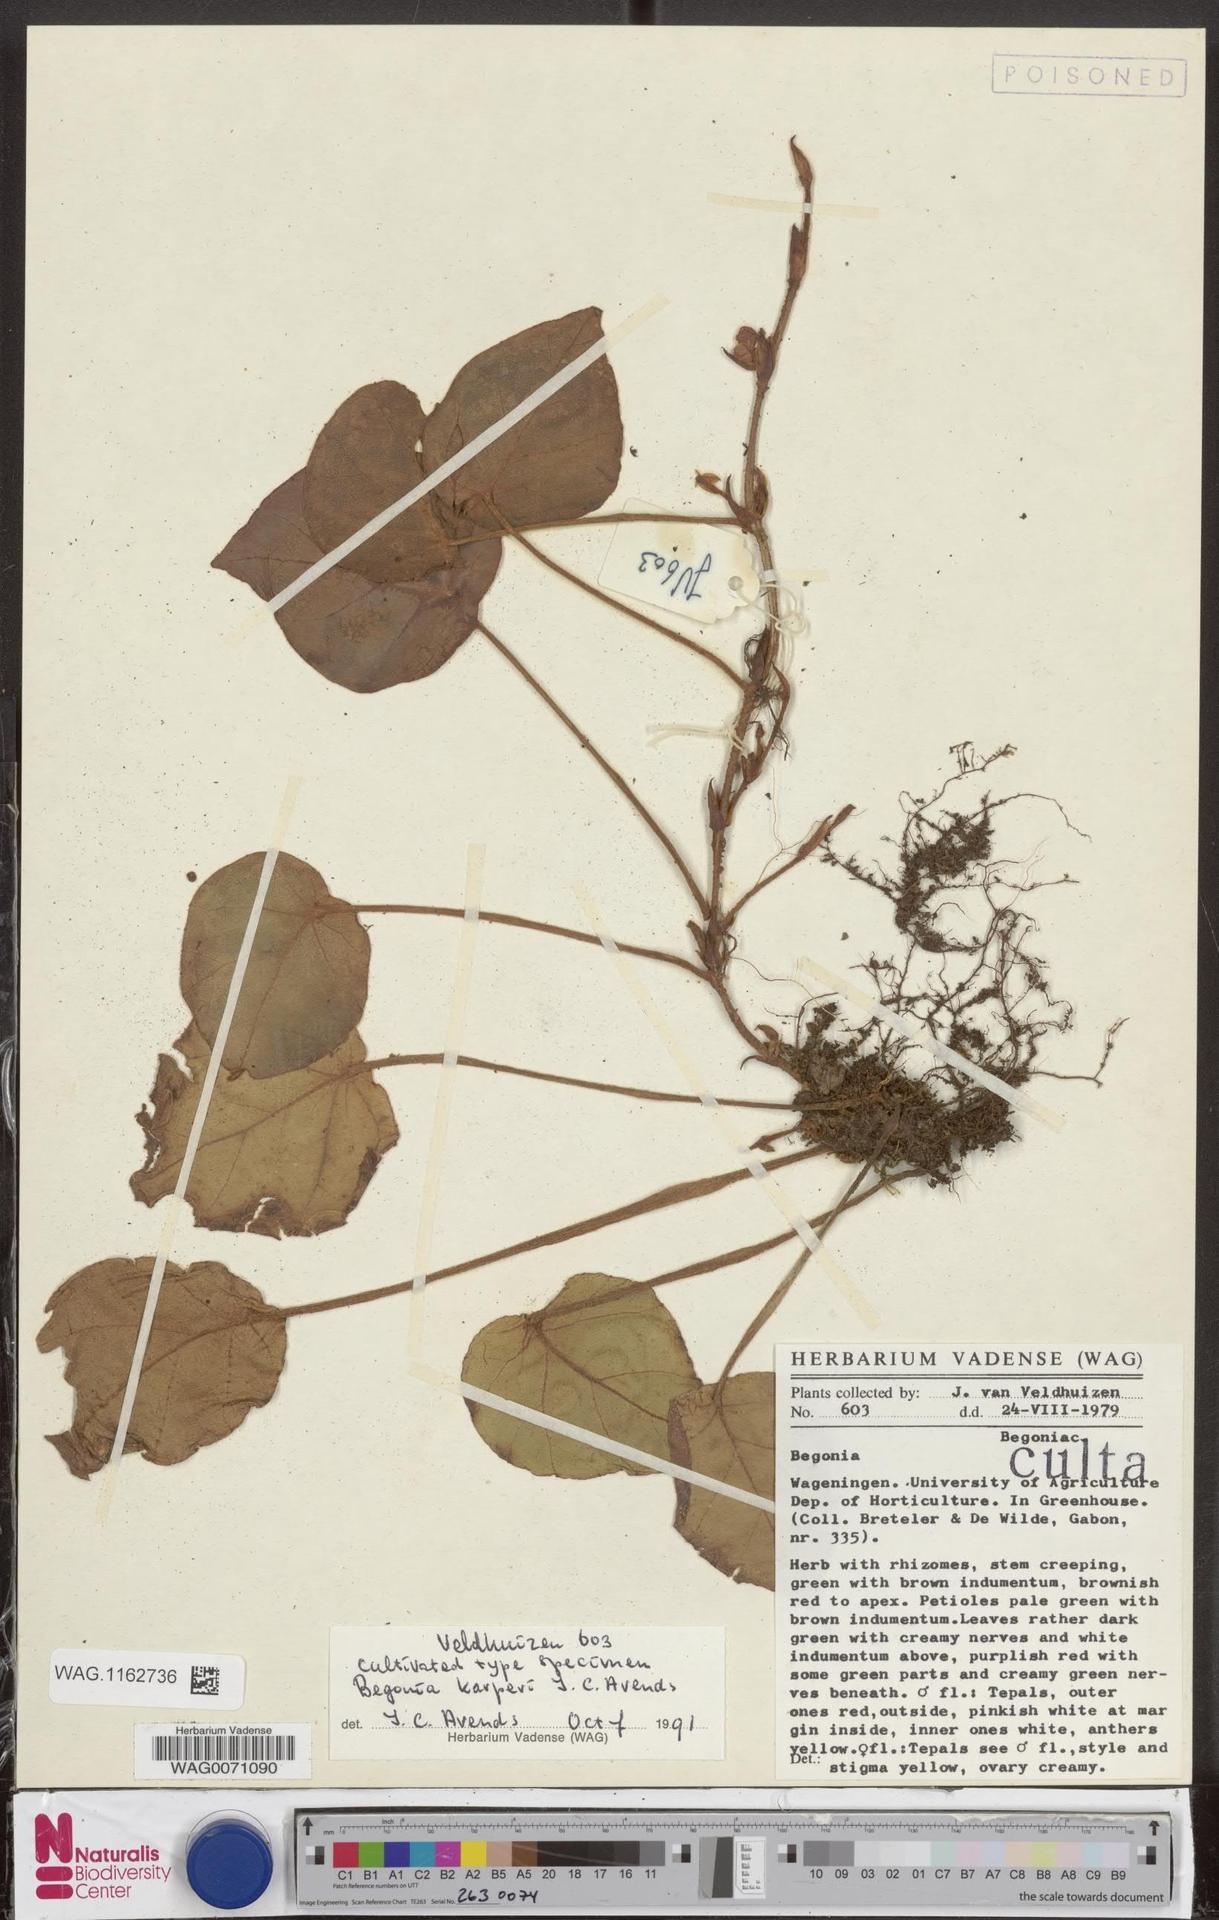 WAG.1162736 | Begonia karperi J.C.Arends